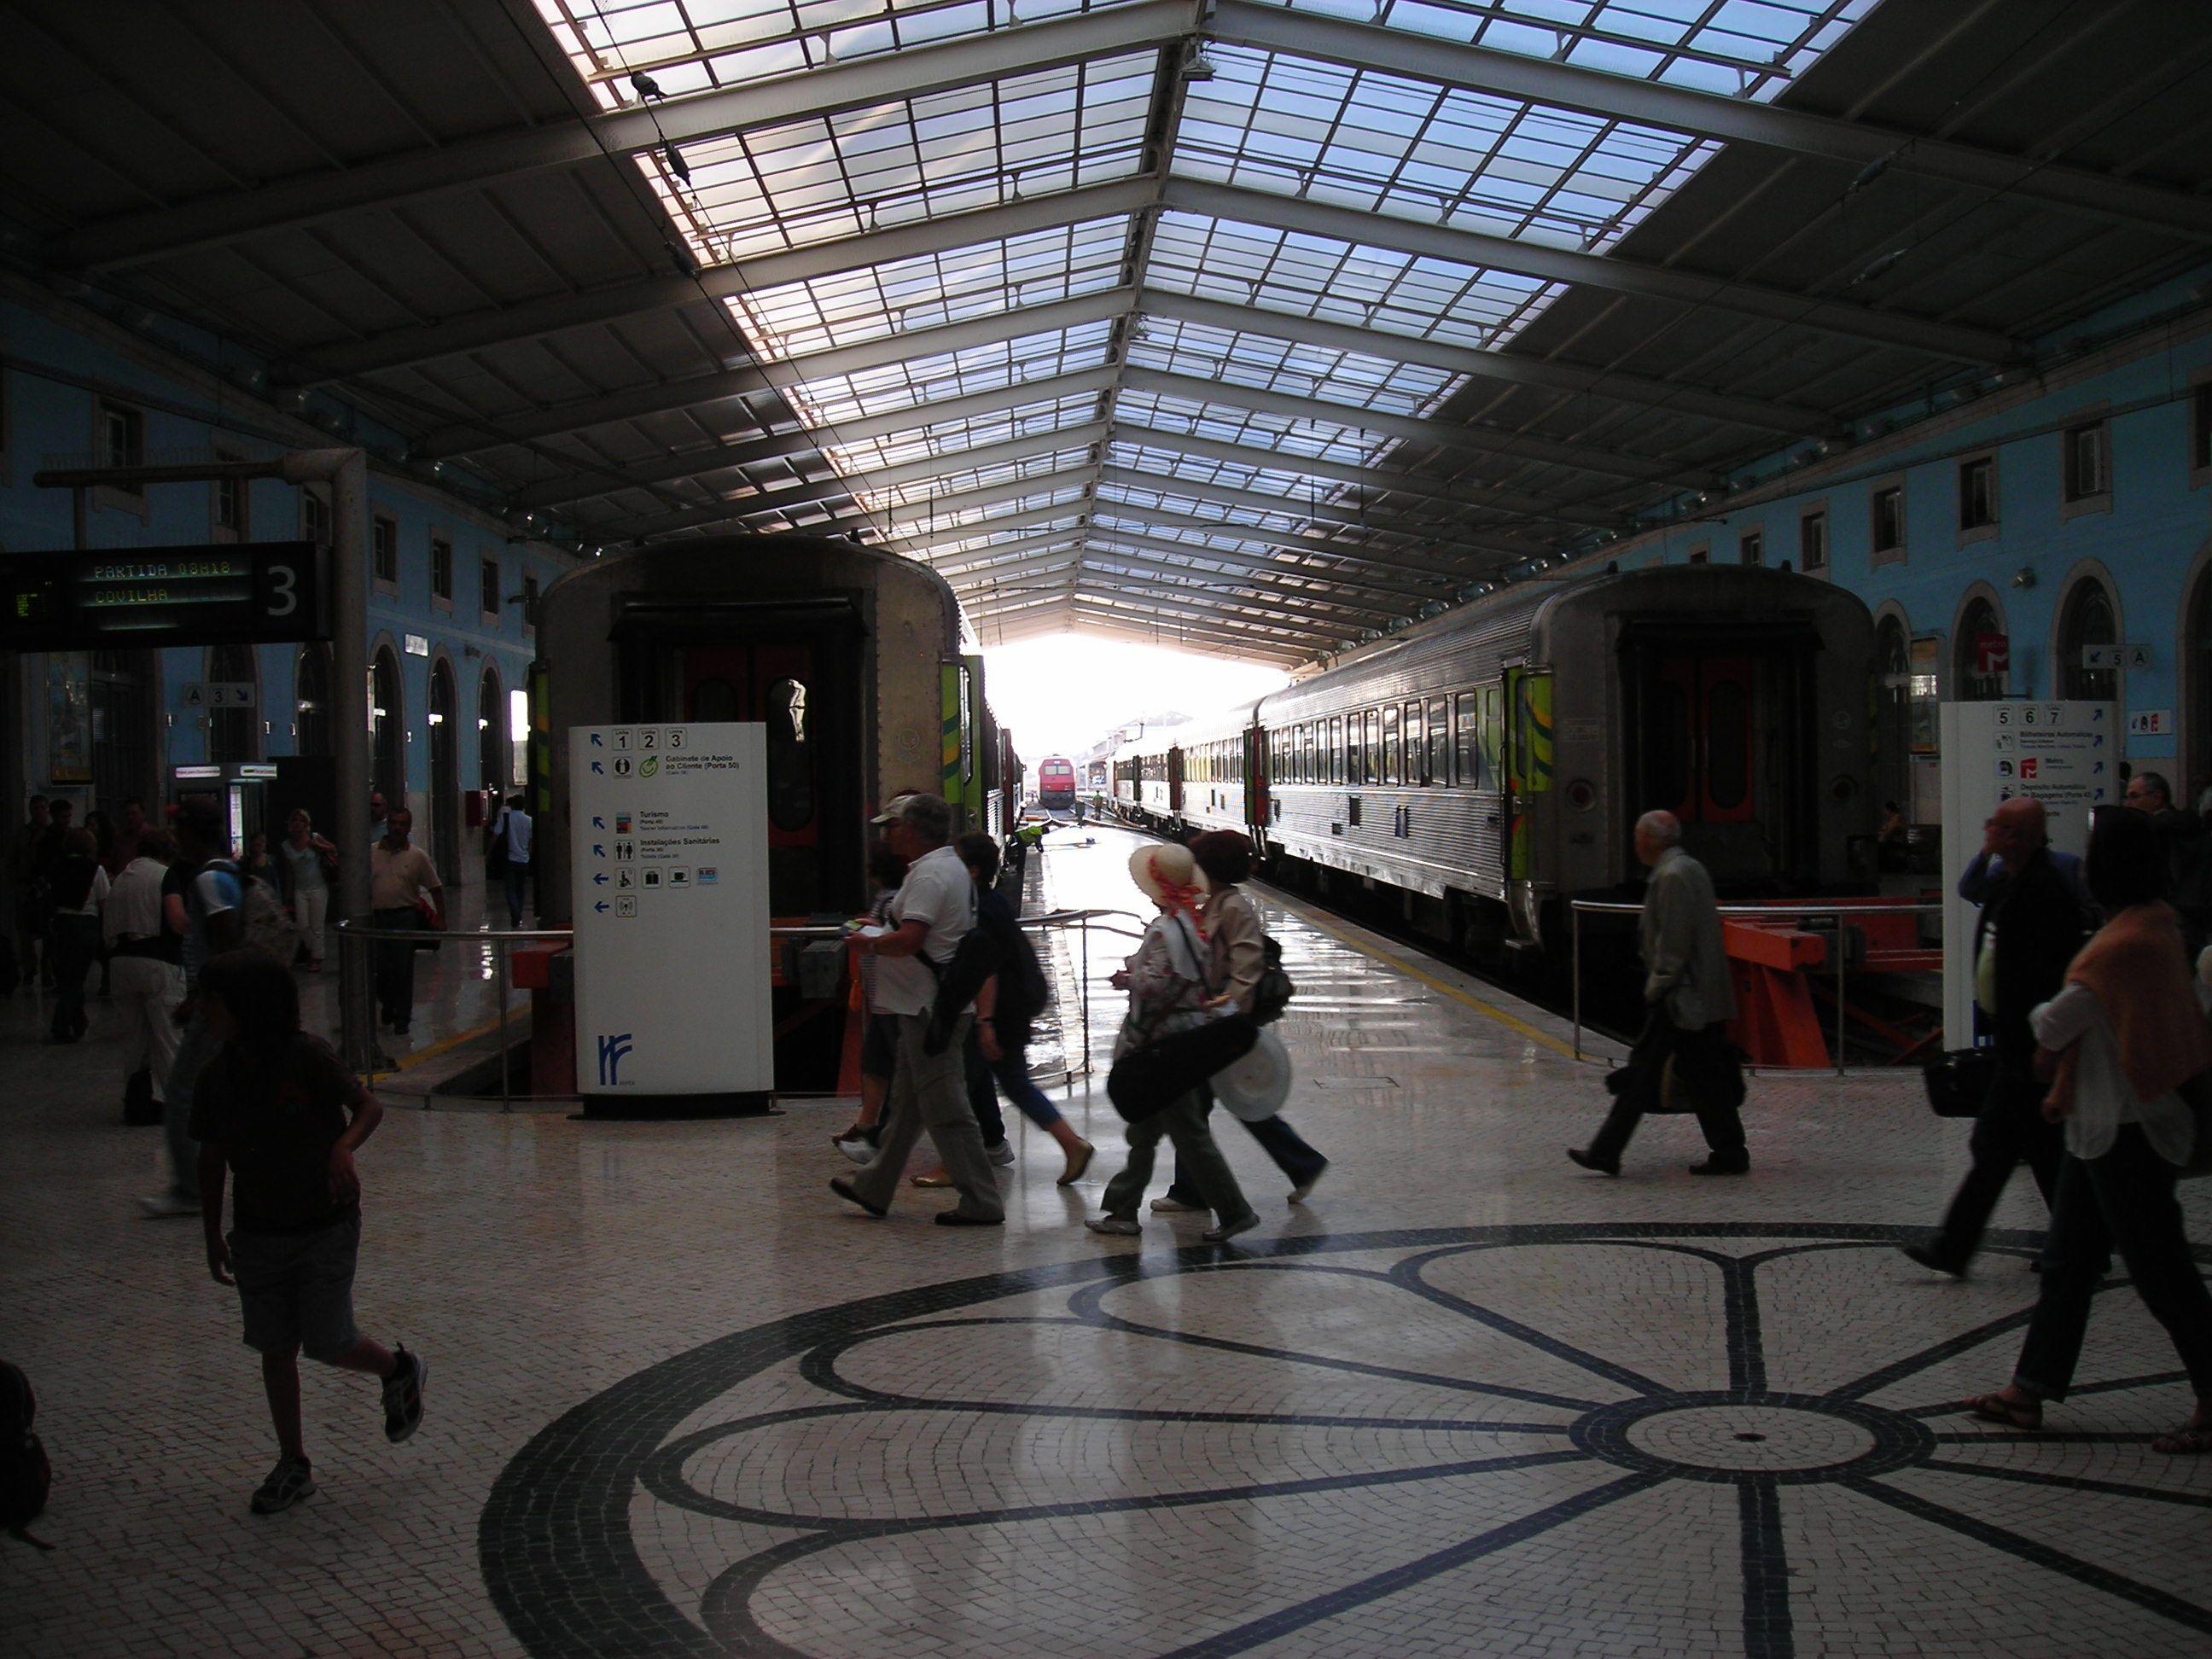 Lisszabon fejpályaudvar szerény kétvágányos csarnoka. A többi vonat a másik pályaudvarra, vagy a külső vágányokra érkezik.